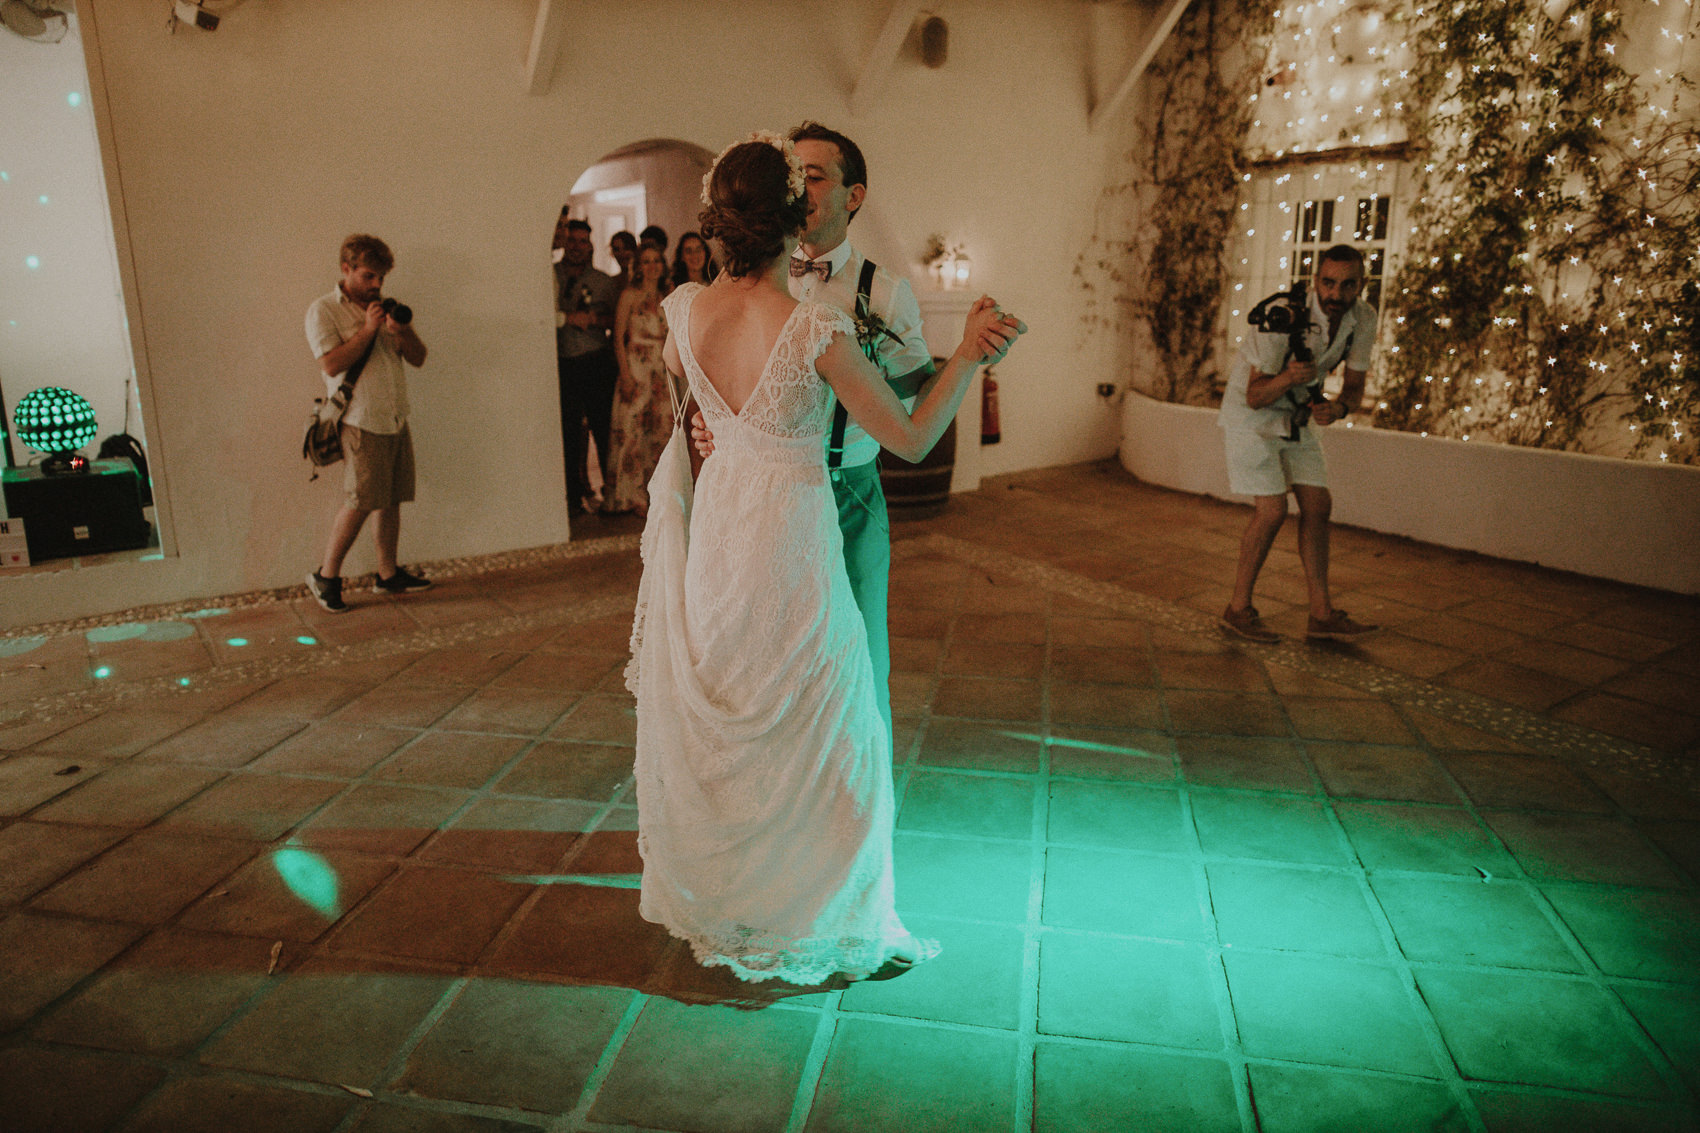 Sarah & Bill | Summer wedding at Cortijo Rosa Blanca | Marbella - Spain 158